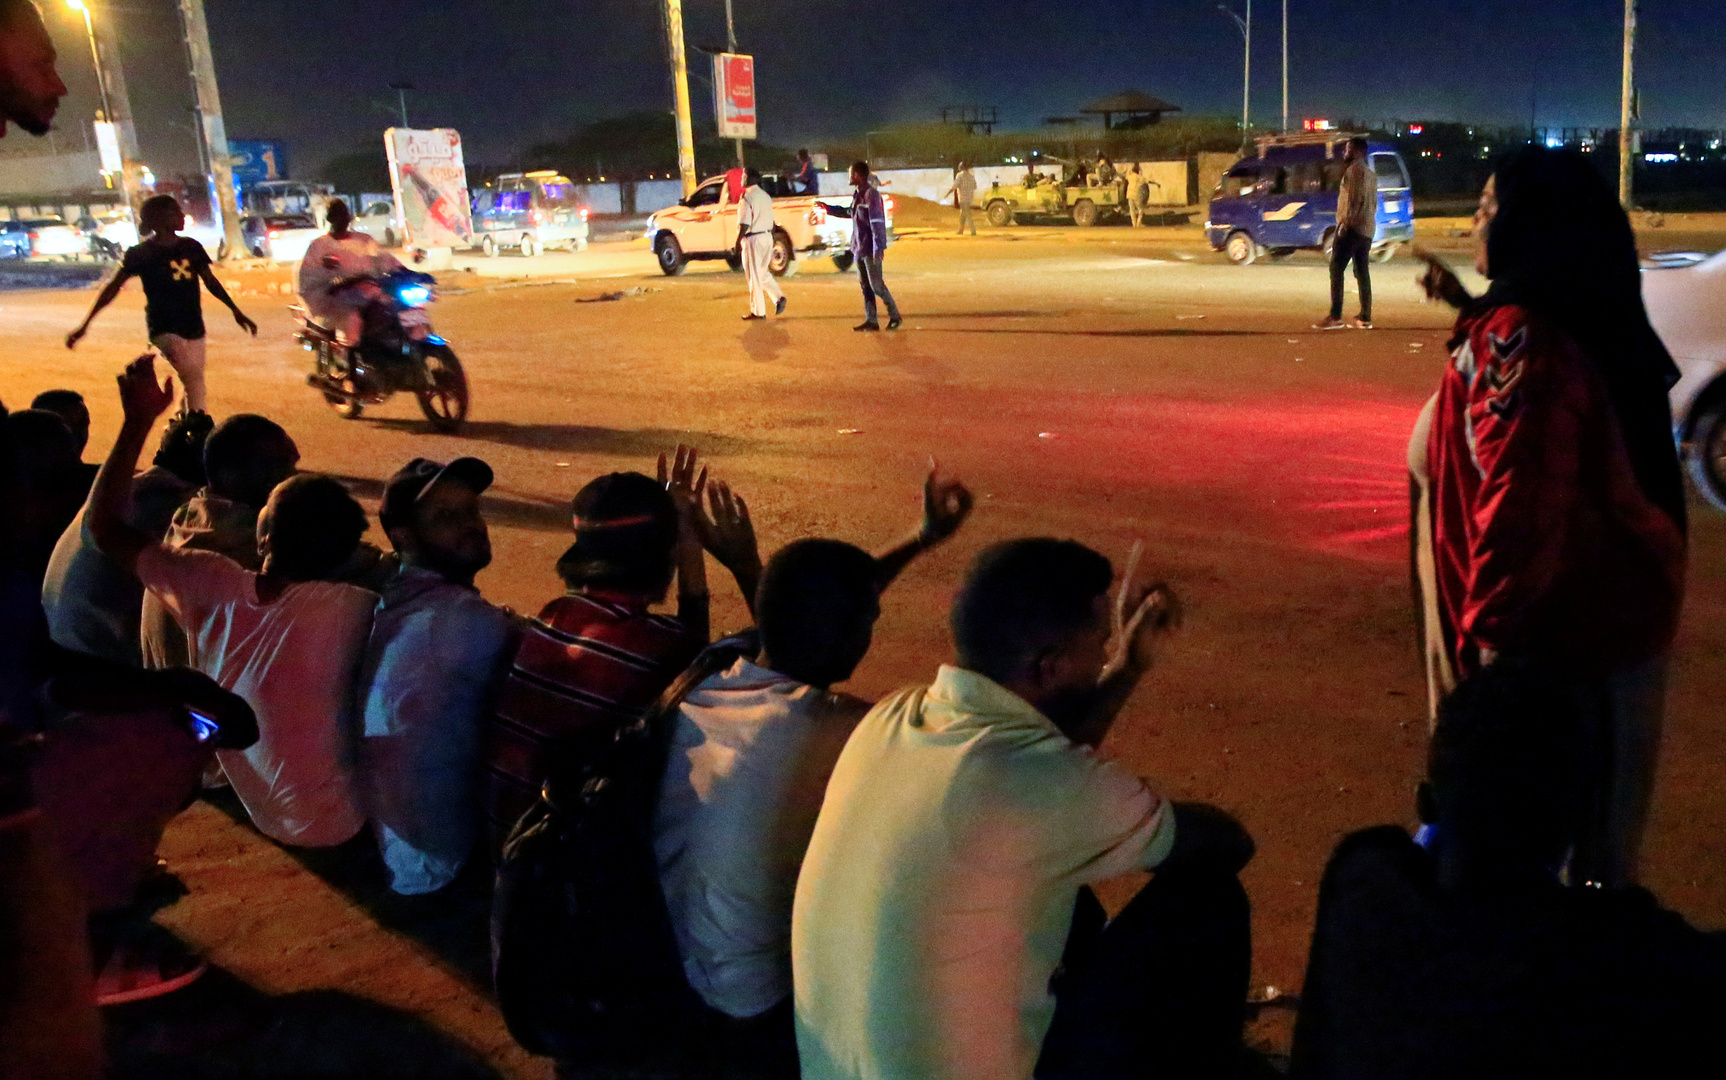 الاشتباه في 8 إصابات بدارفور بفيروس كورونا والسودان يتجه لفرض حظر تجول